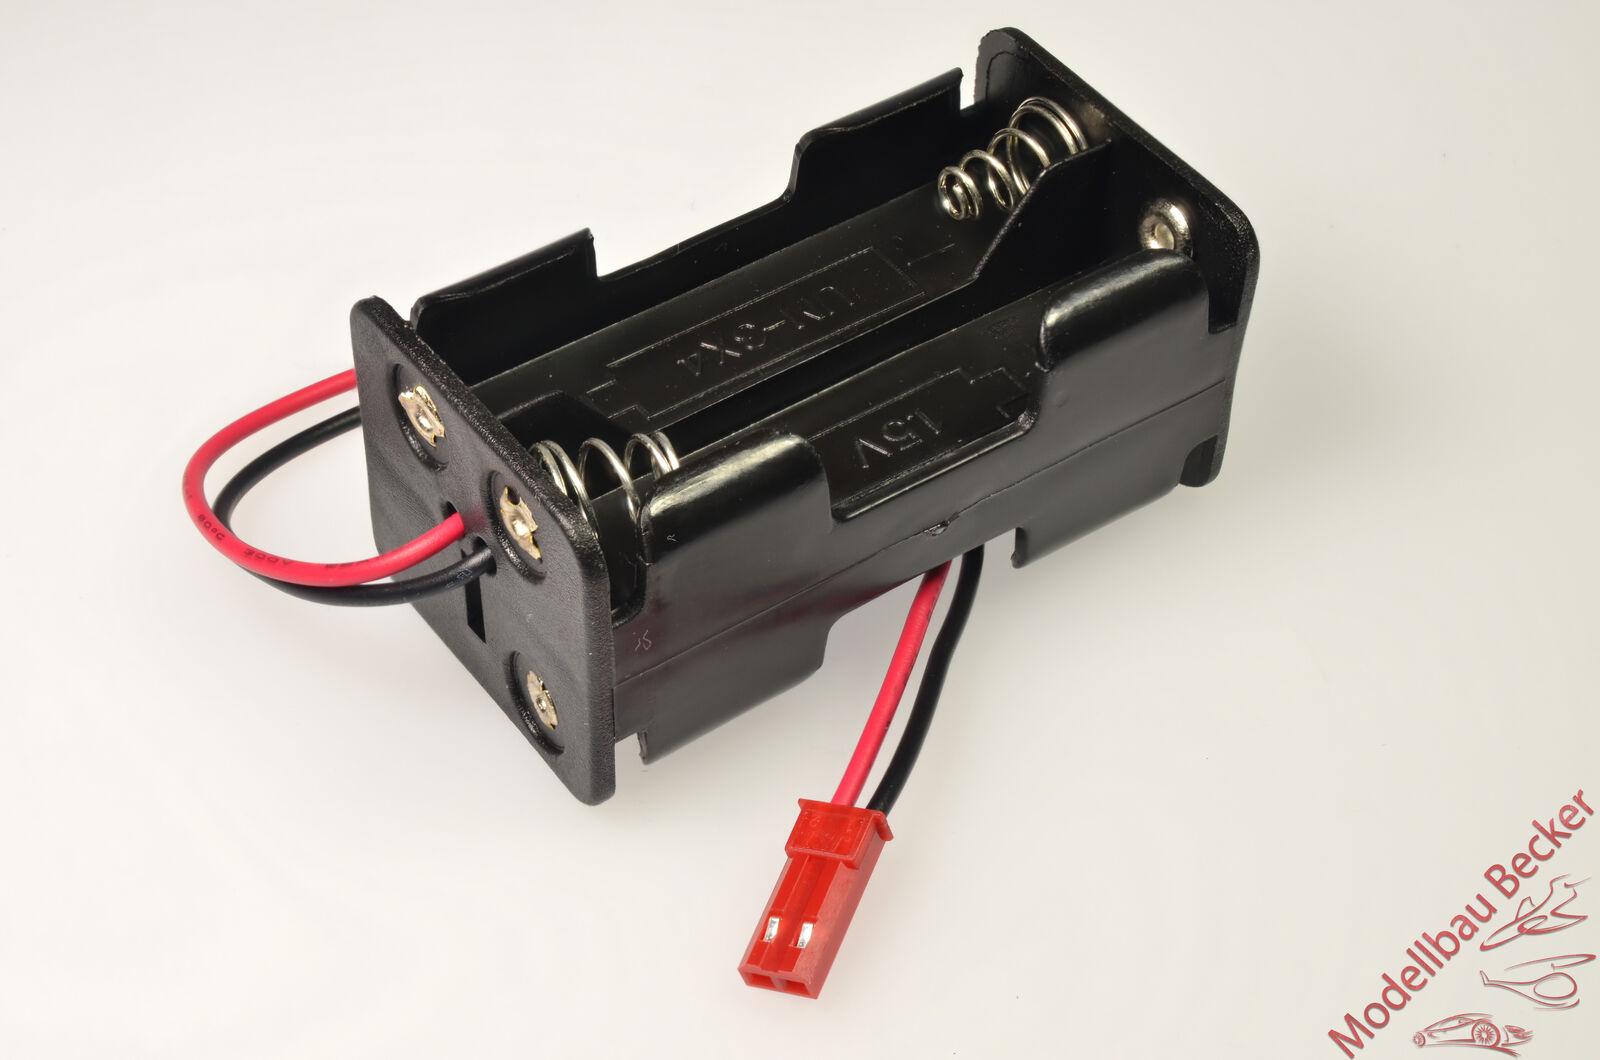 Batteriehalter / Akkubox / Batteriebox 4x Mignon (AA) BEC Buchse